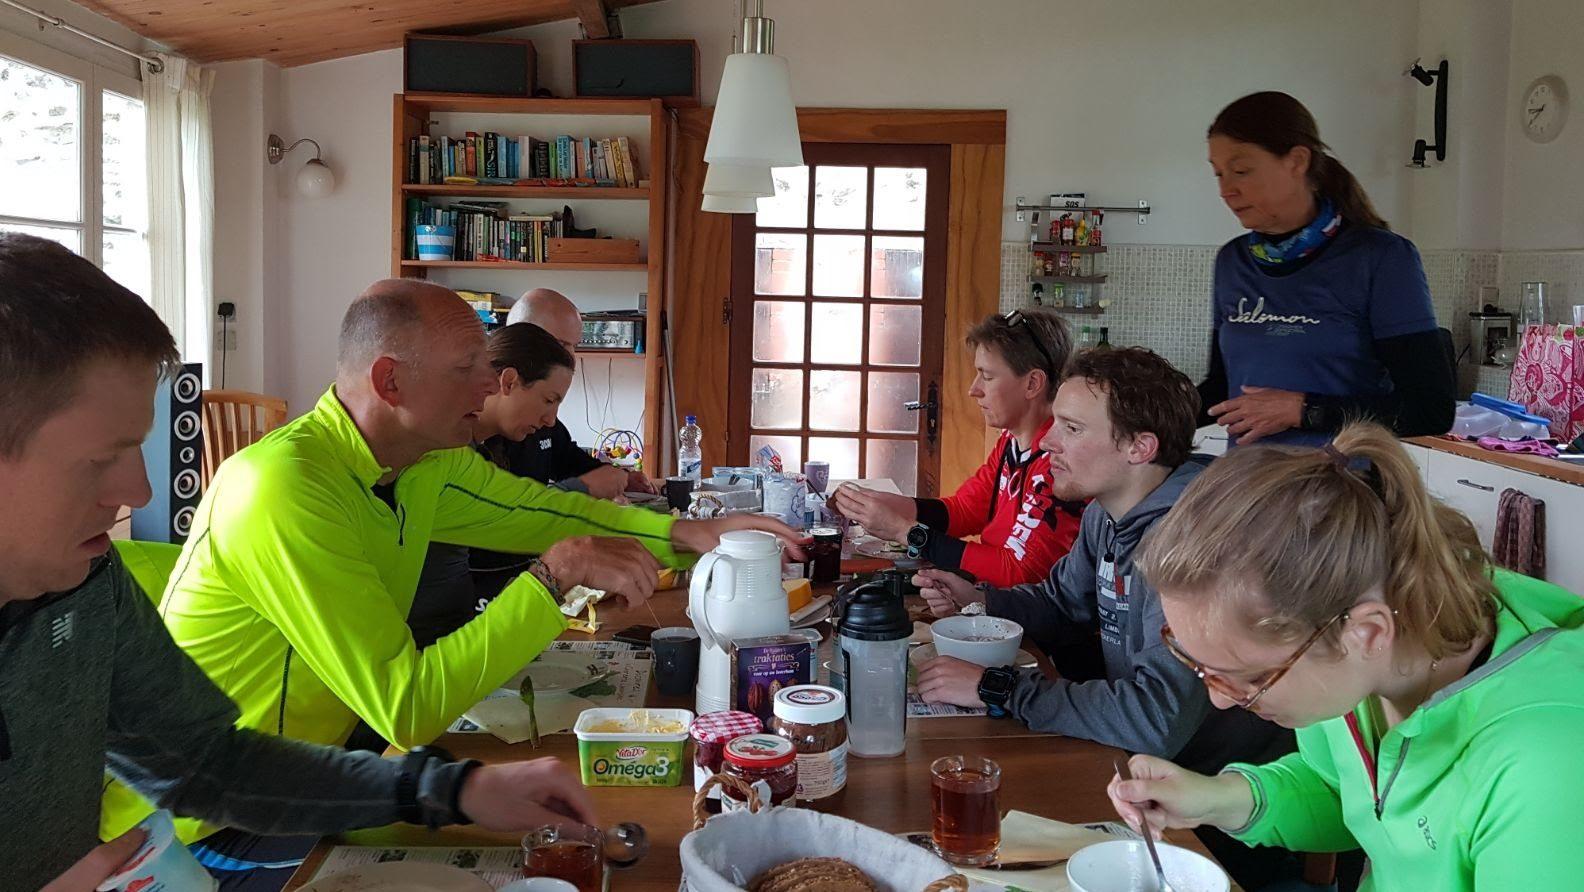 Samen Eten In Het Gezellige Tuinhuis